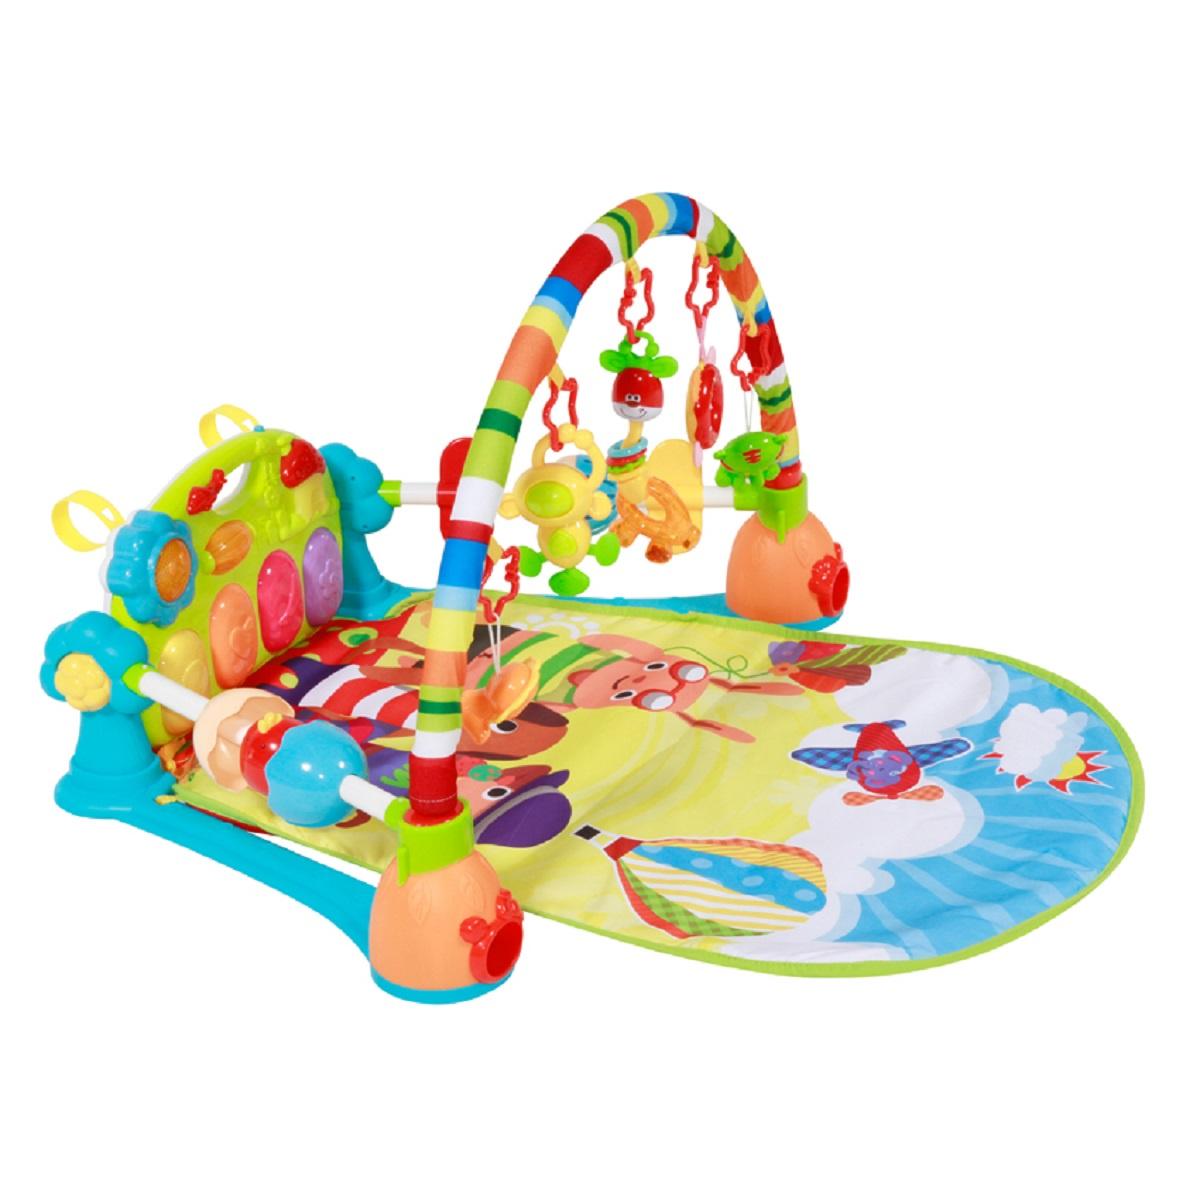 Развивающий коврик Lorelli Toys Приключение, 1030041 развивающий коврик lorelli toys развивающий коврик lorelli toys с интерактивным столиком 105 х 65 см 1030038